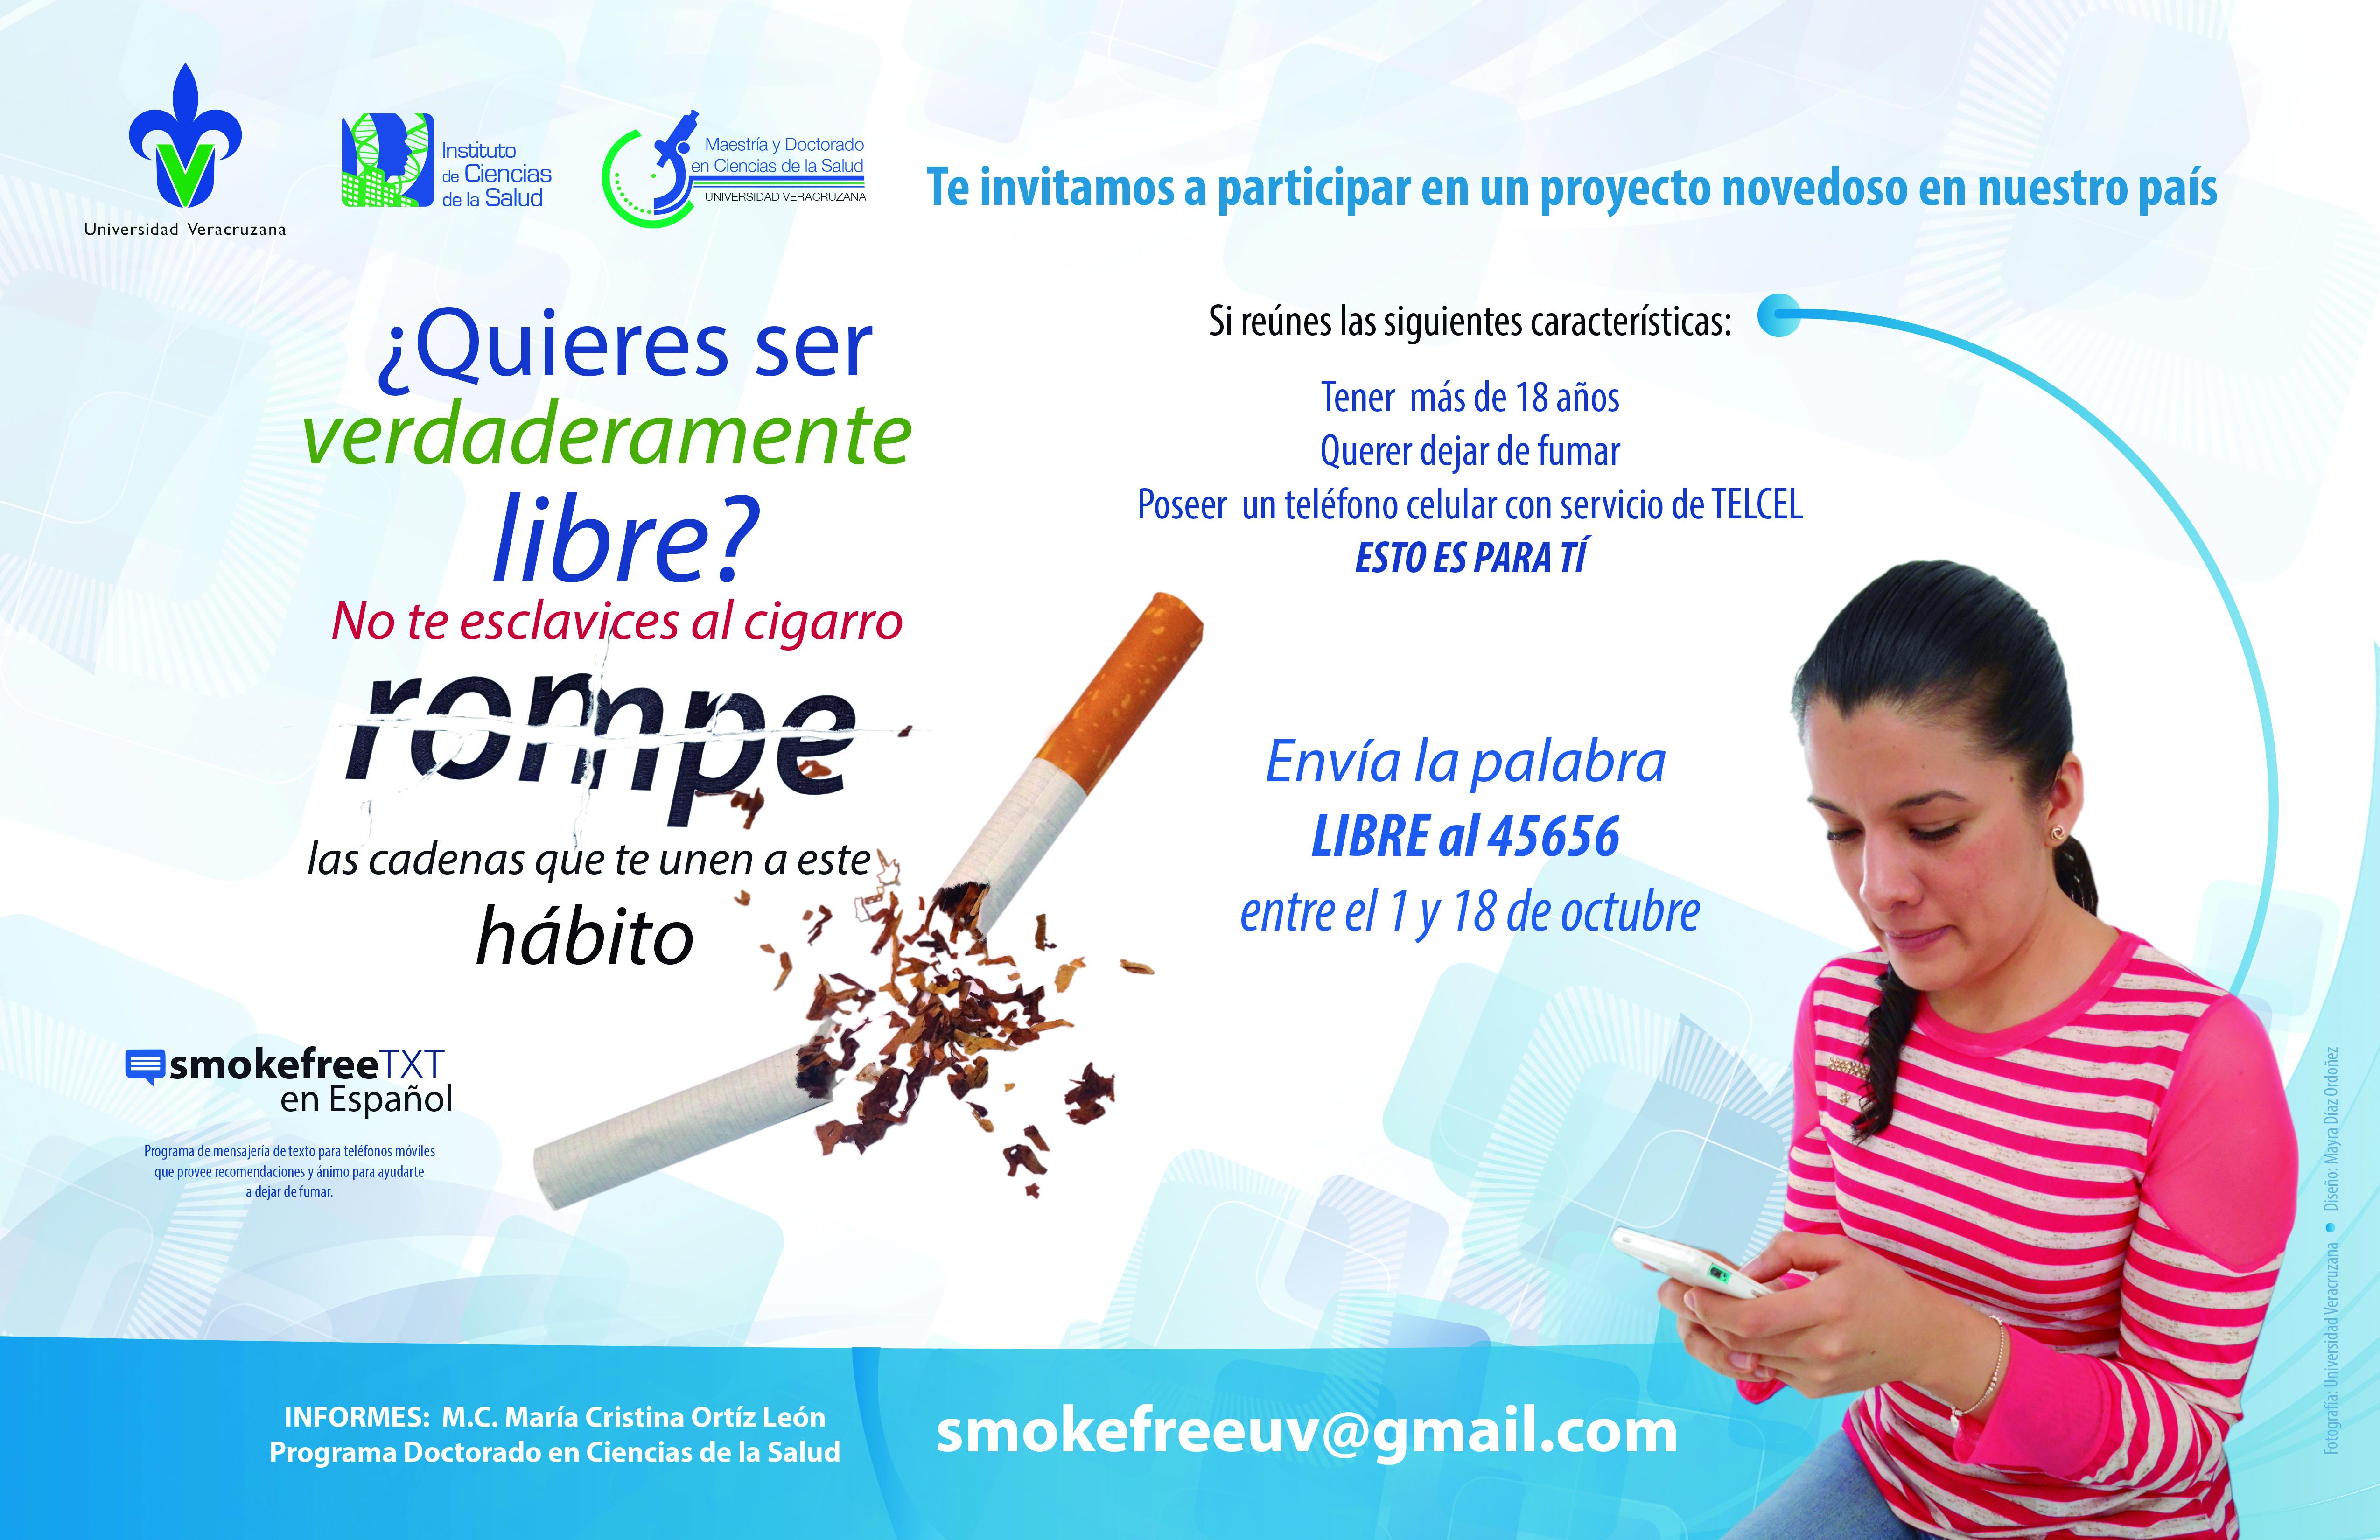 Dejarás a fumar y comenzarás a adelgazar